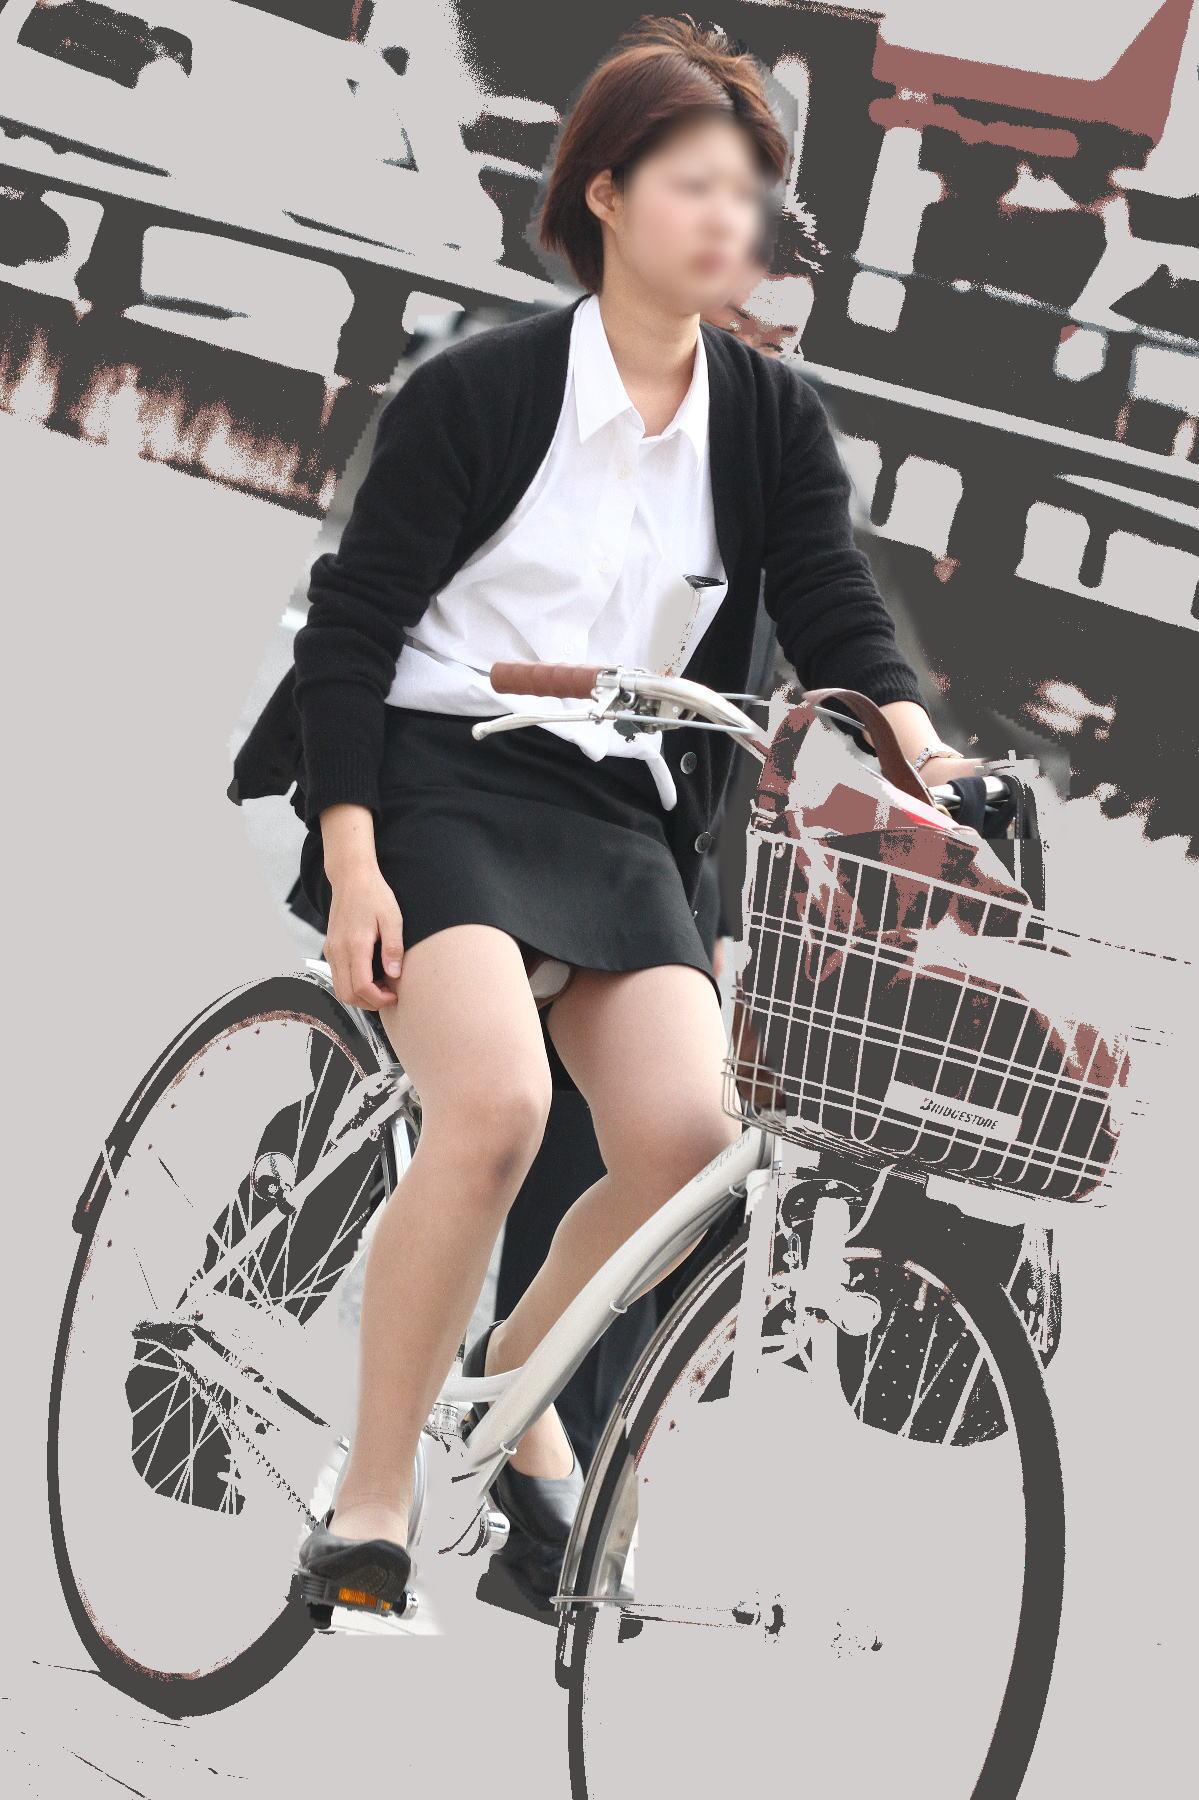 OL_自転車_パンチラ_盗撮_エロ画像_03